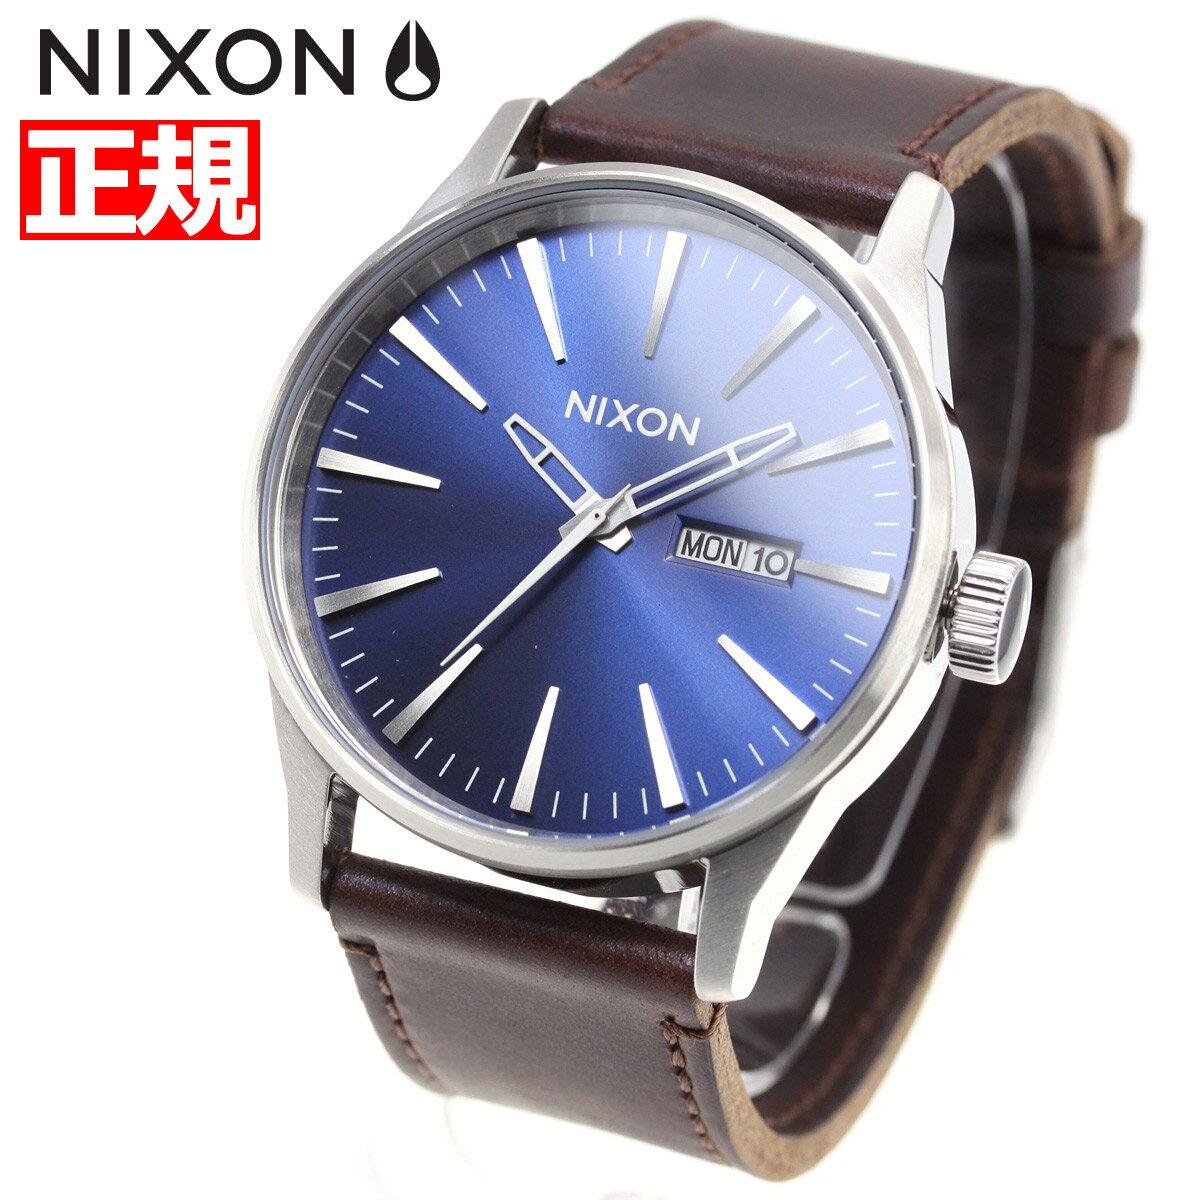 先着!クーポンで最大2千円OFF!+ポイント最大26倍!明日0時スタート!ニクソン NIXON セントリーレザー SENTRY LEATHER 腕時計 メンズ ブルー/ブラウン NA1051524-00